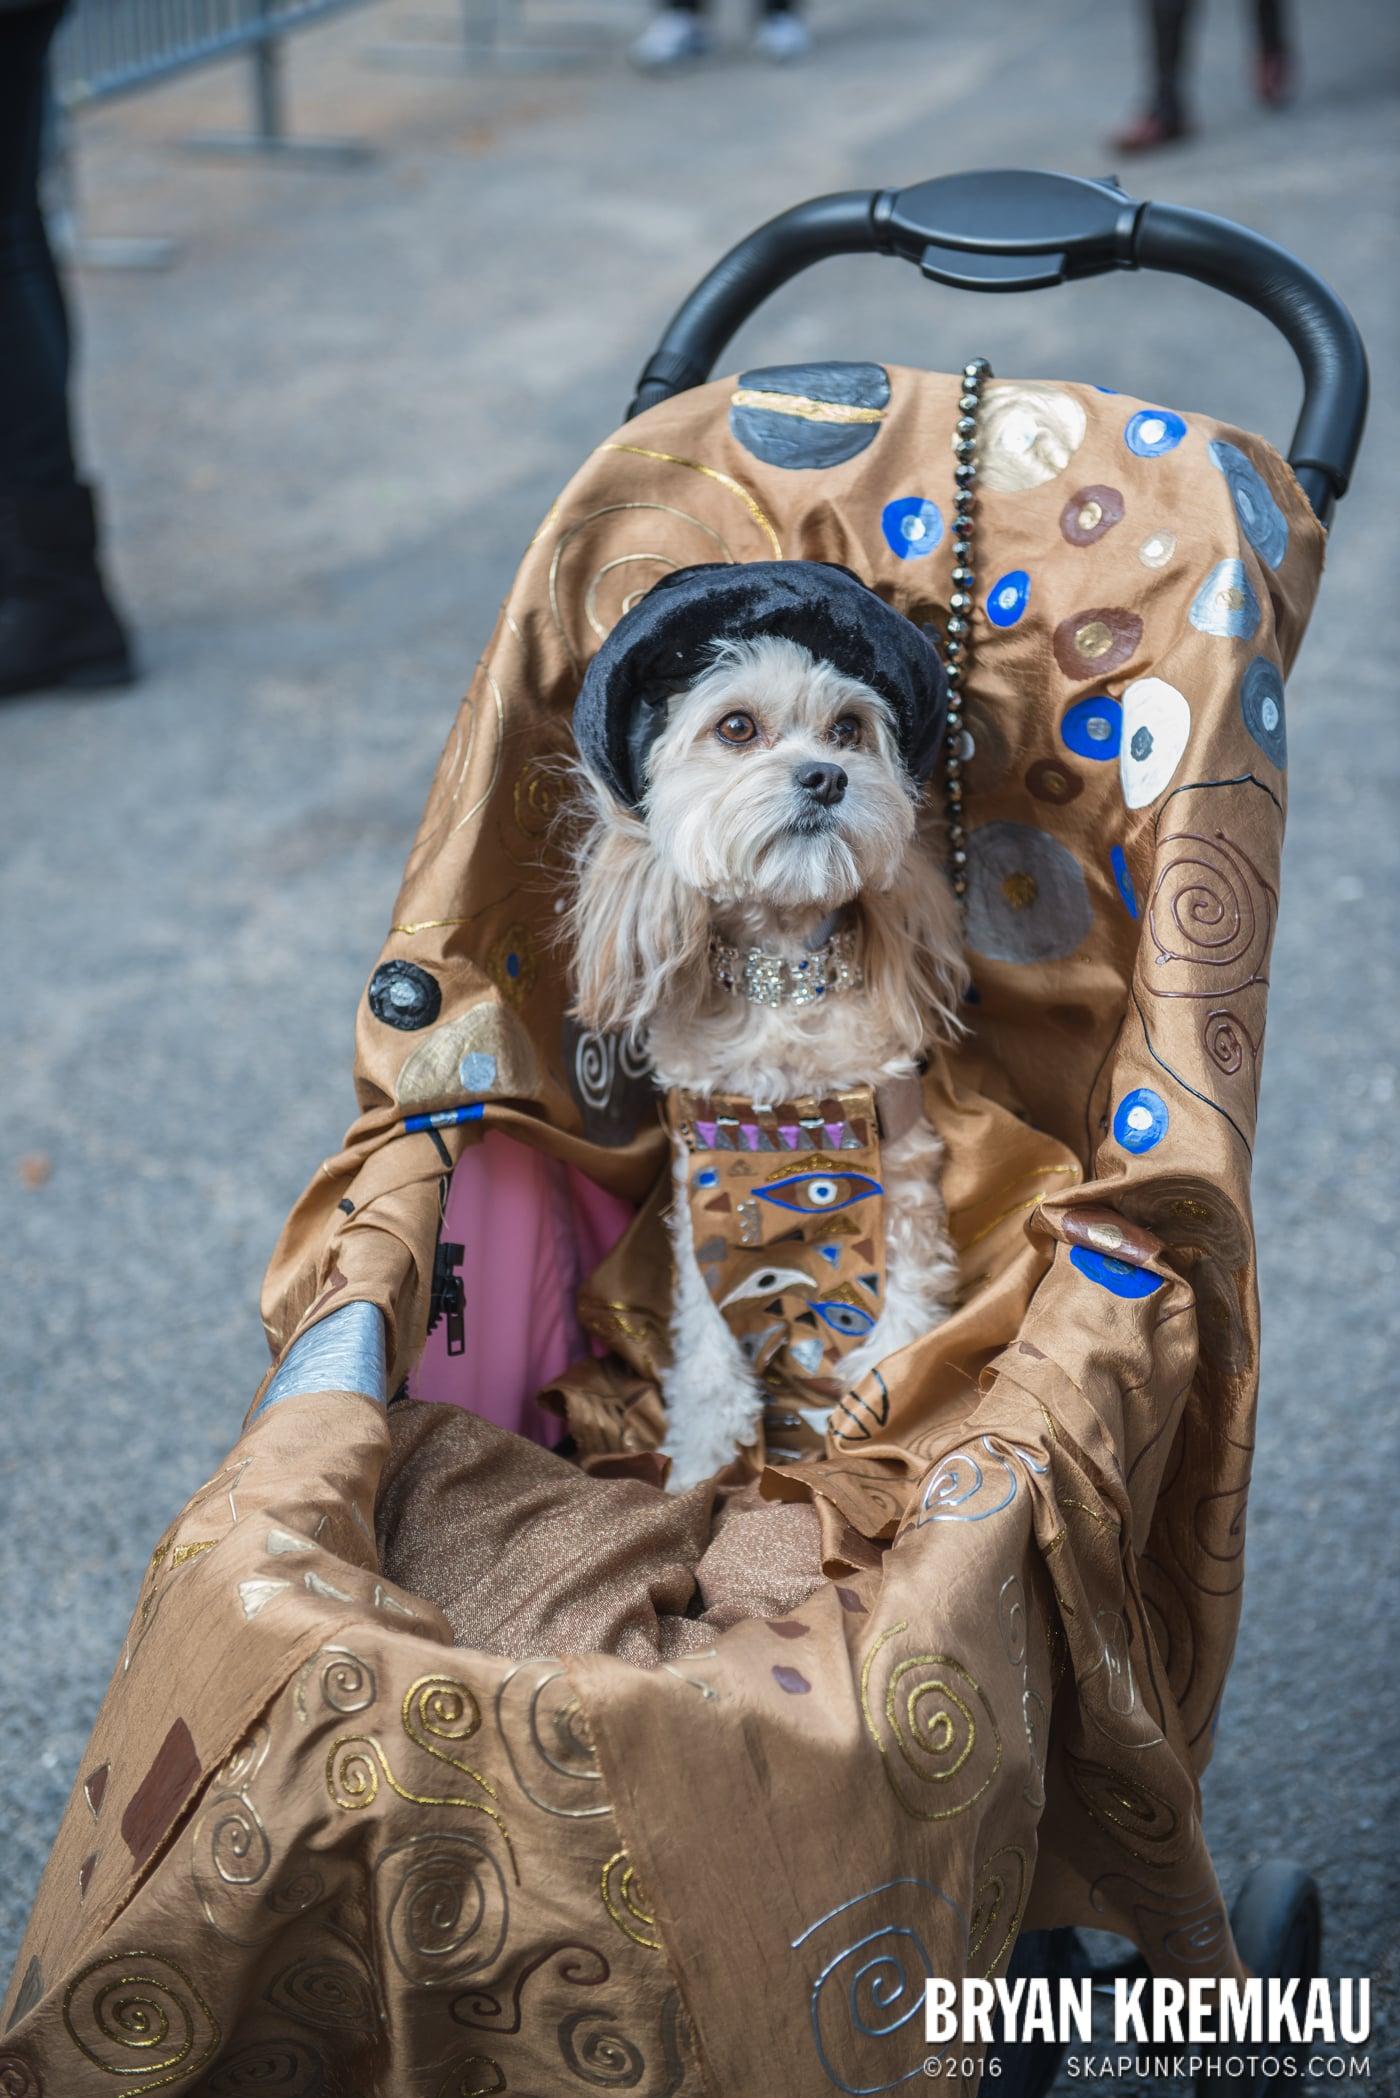 Tompkins Square Halloween Dog Parade 2015 @ Tompkins Square Park, NYC – 10.24.15 (70)